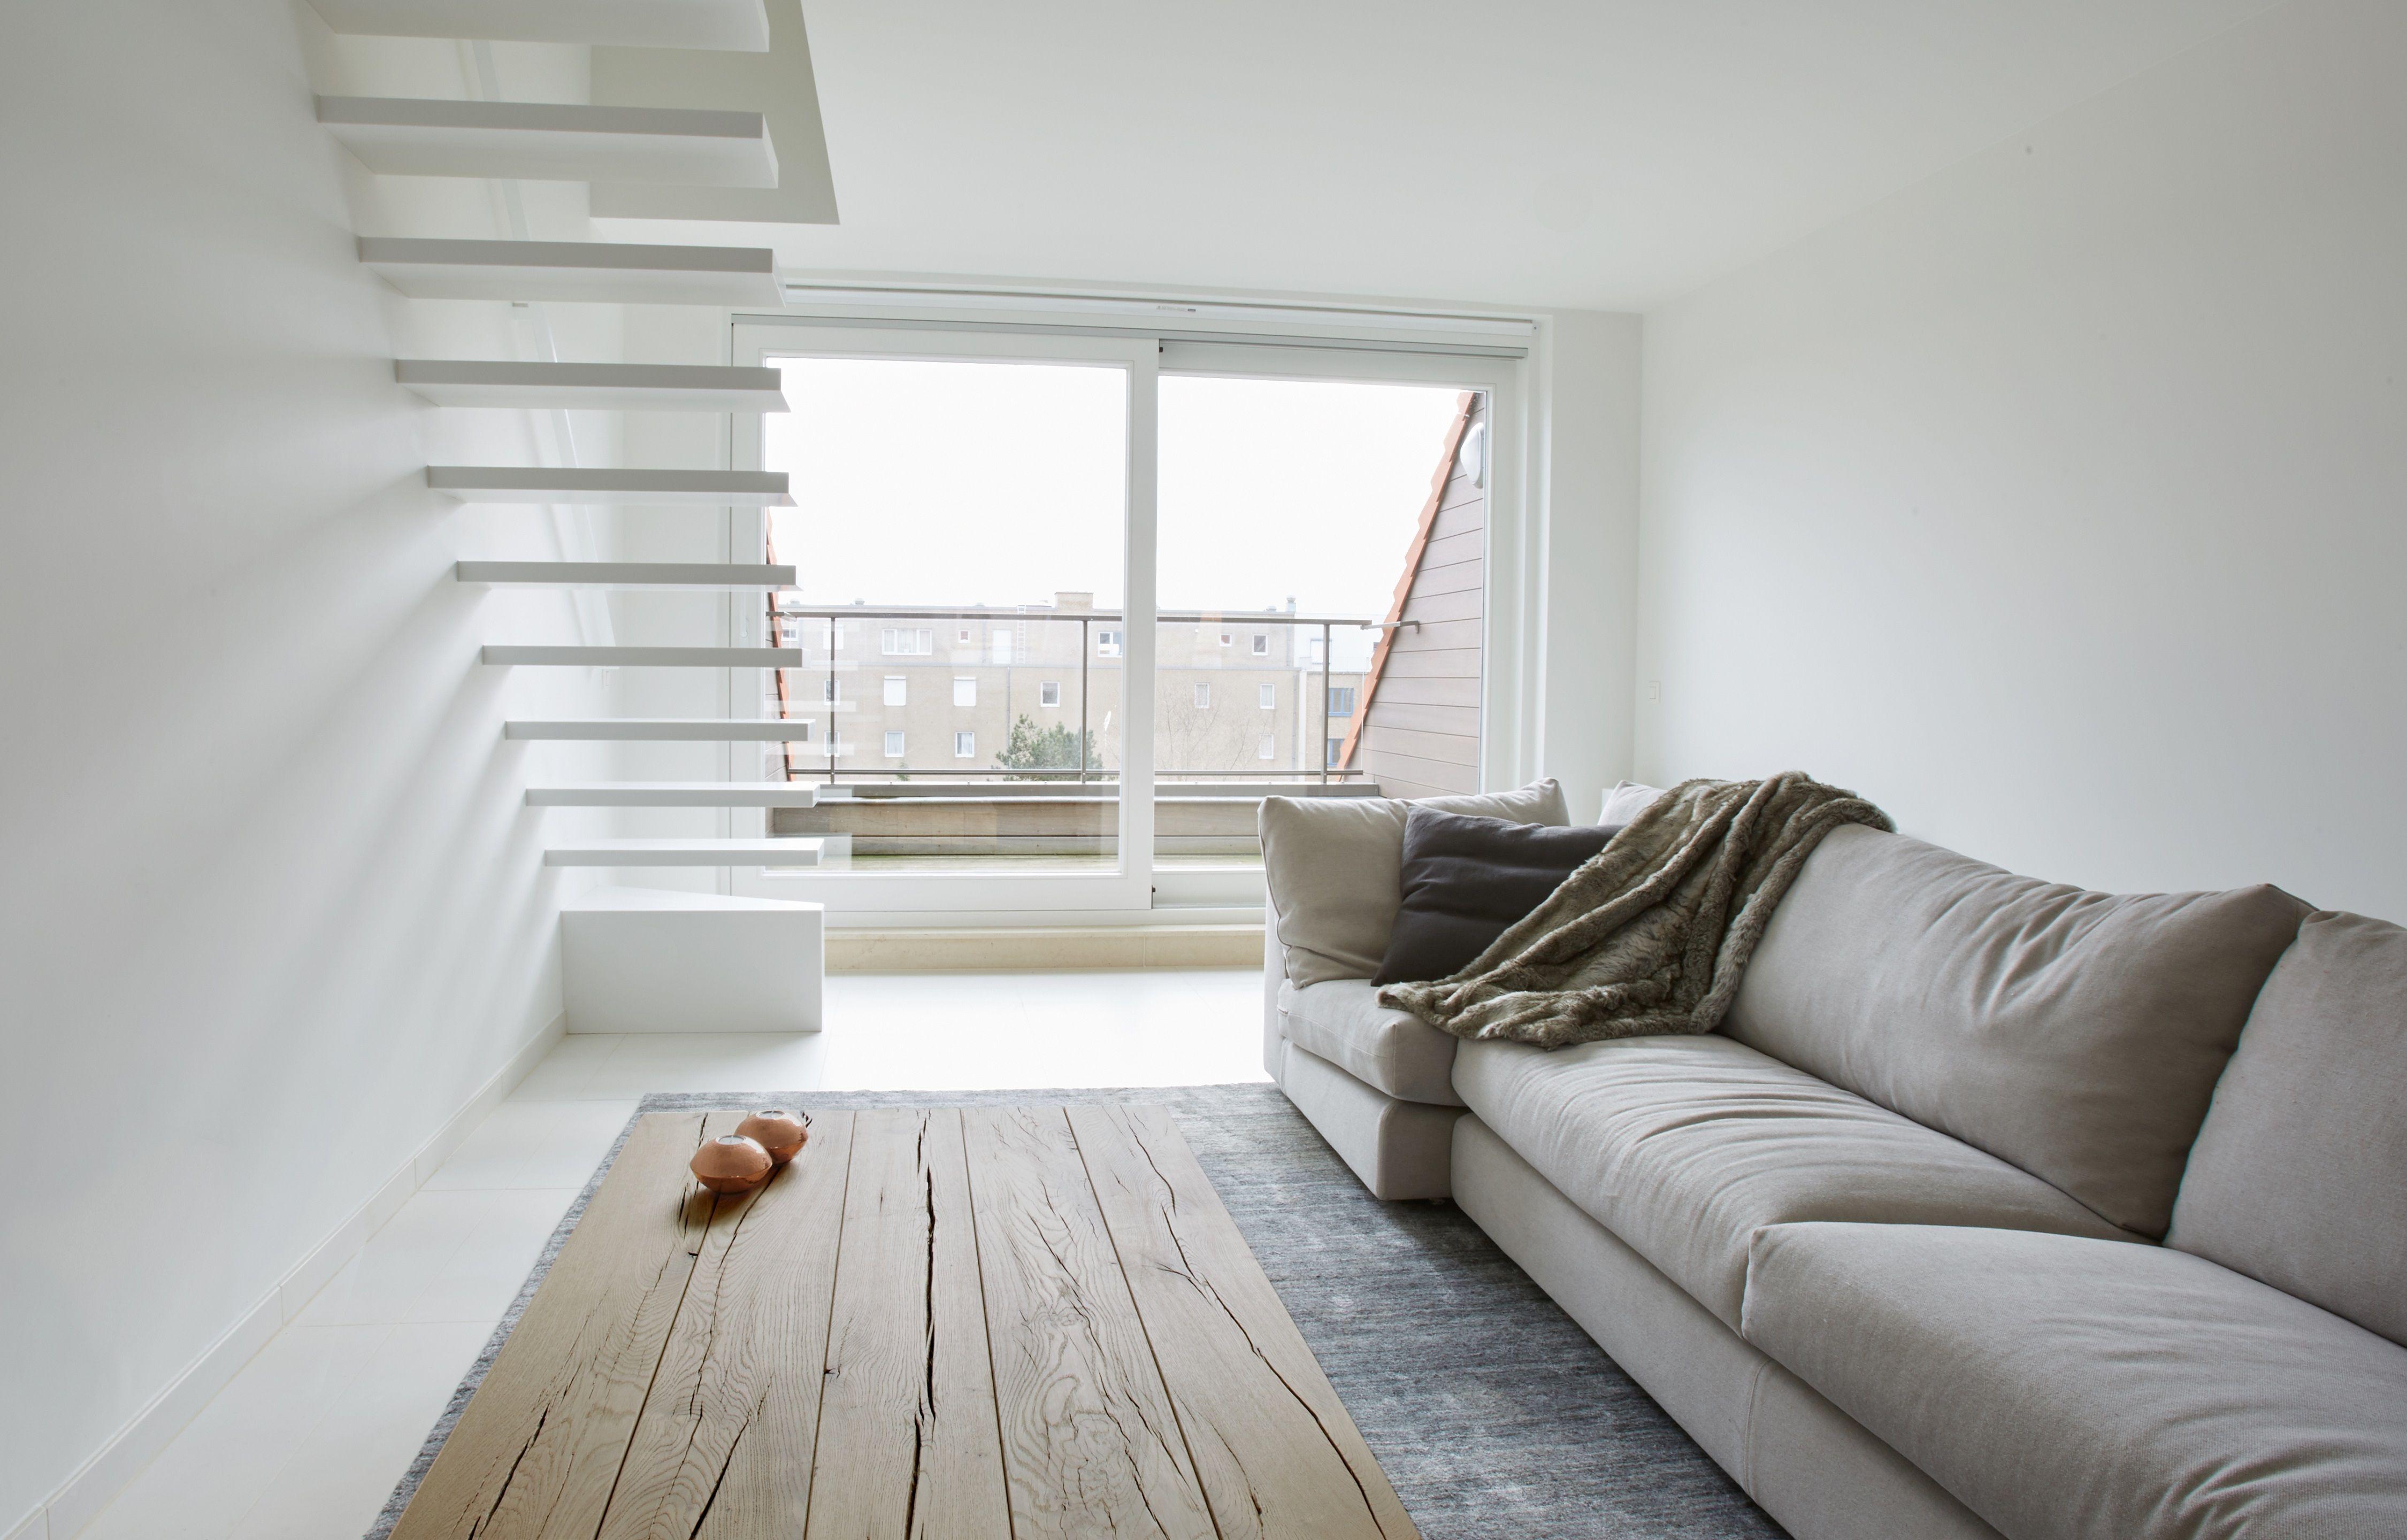 Duplex-appartement met 2 slaapkamers te koop Nieuwpoort - 5409